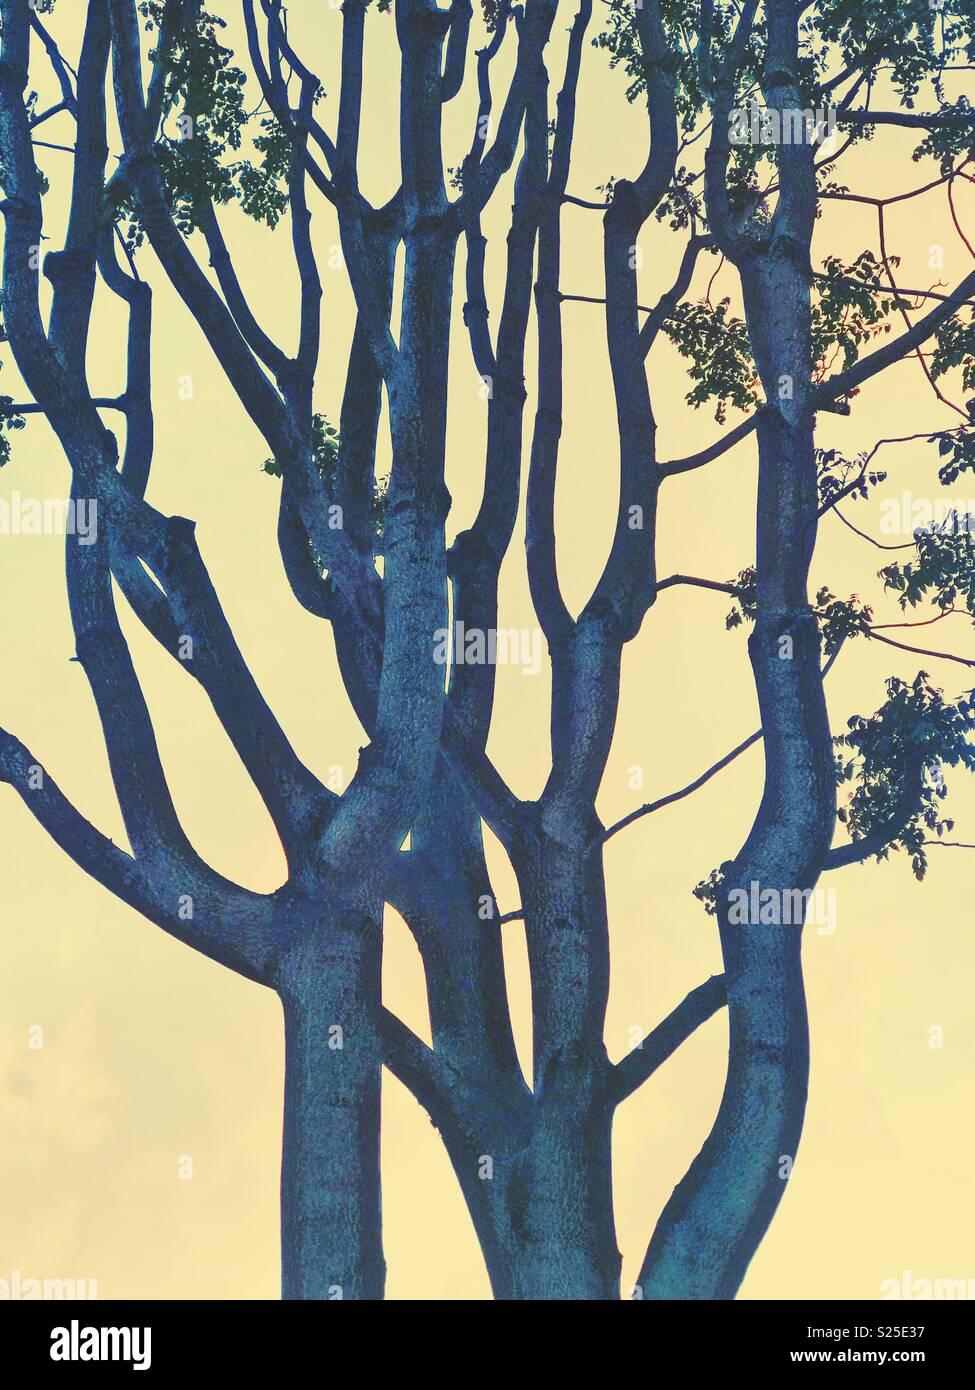 Un resumen de un árbol de color azul contra un fondo amarillo Imagen De Stock